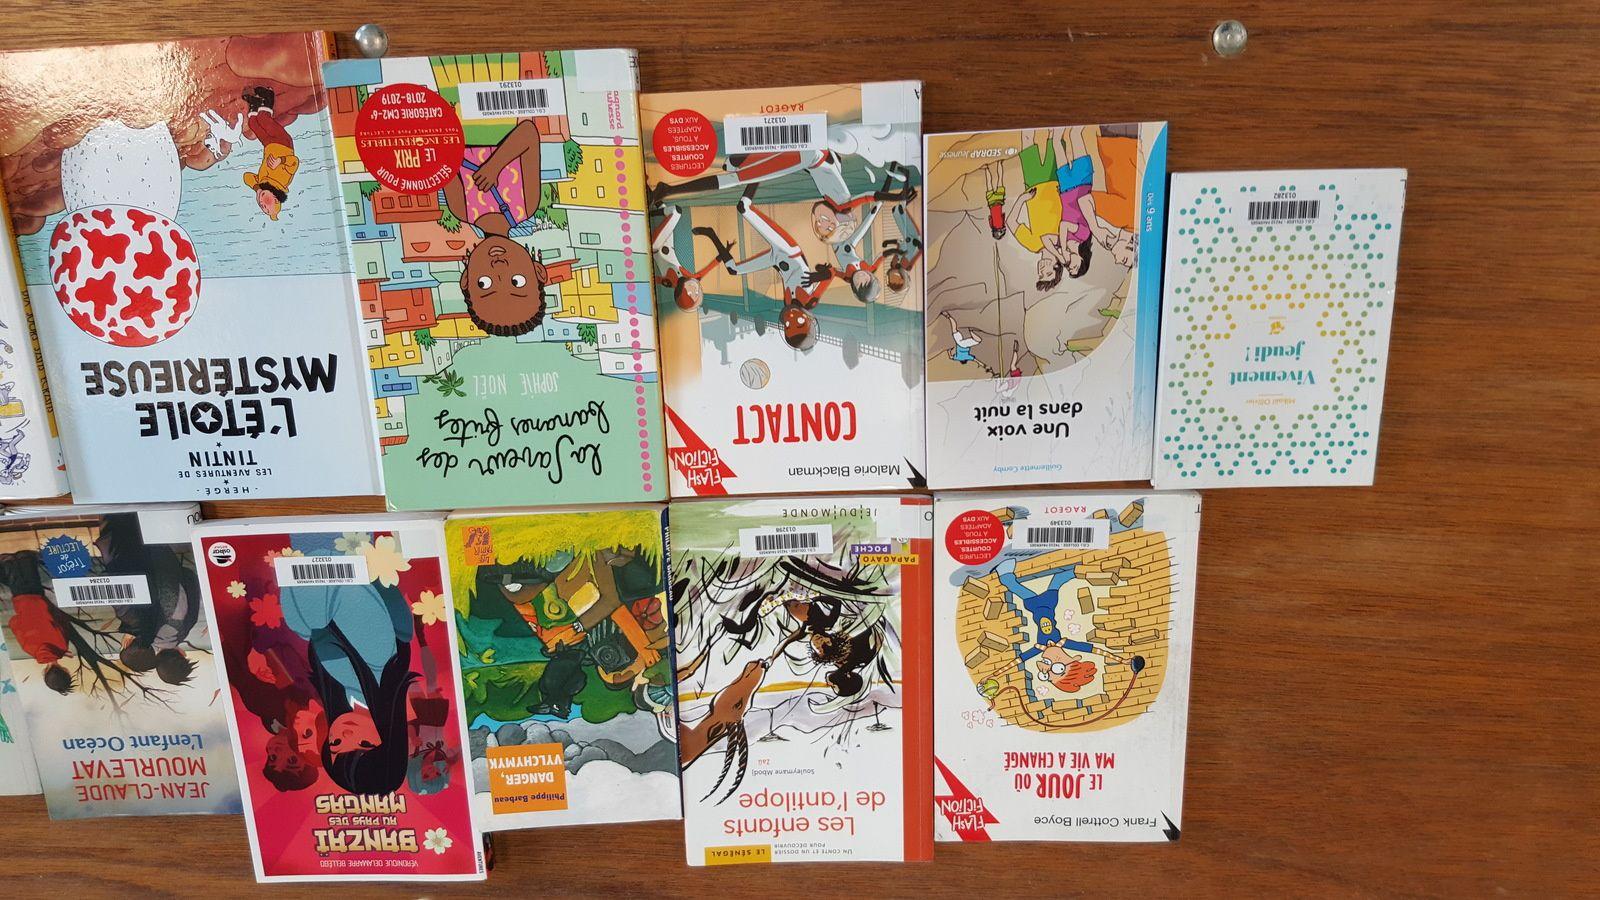 Tu te ranges du côté des petits lecteurs ? Voici les livres de la sélection qui peuvent te plaire.